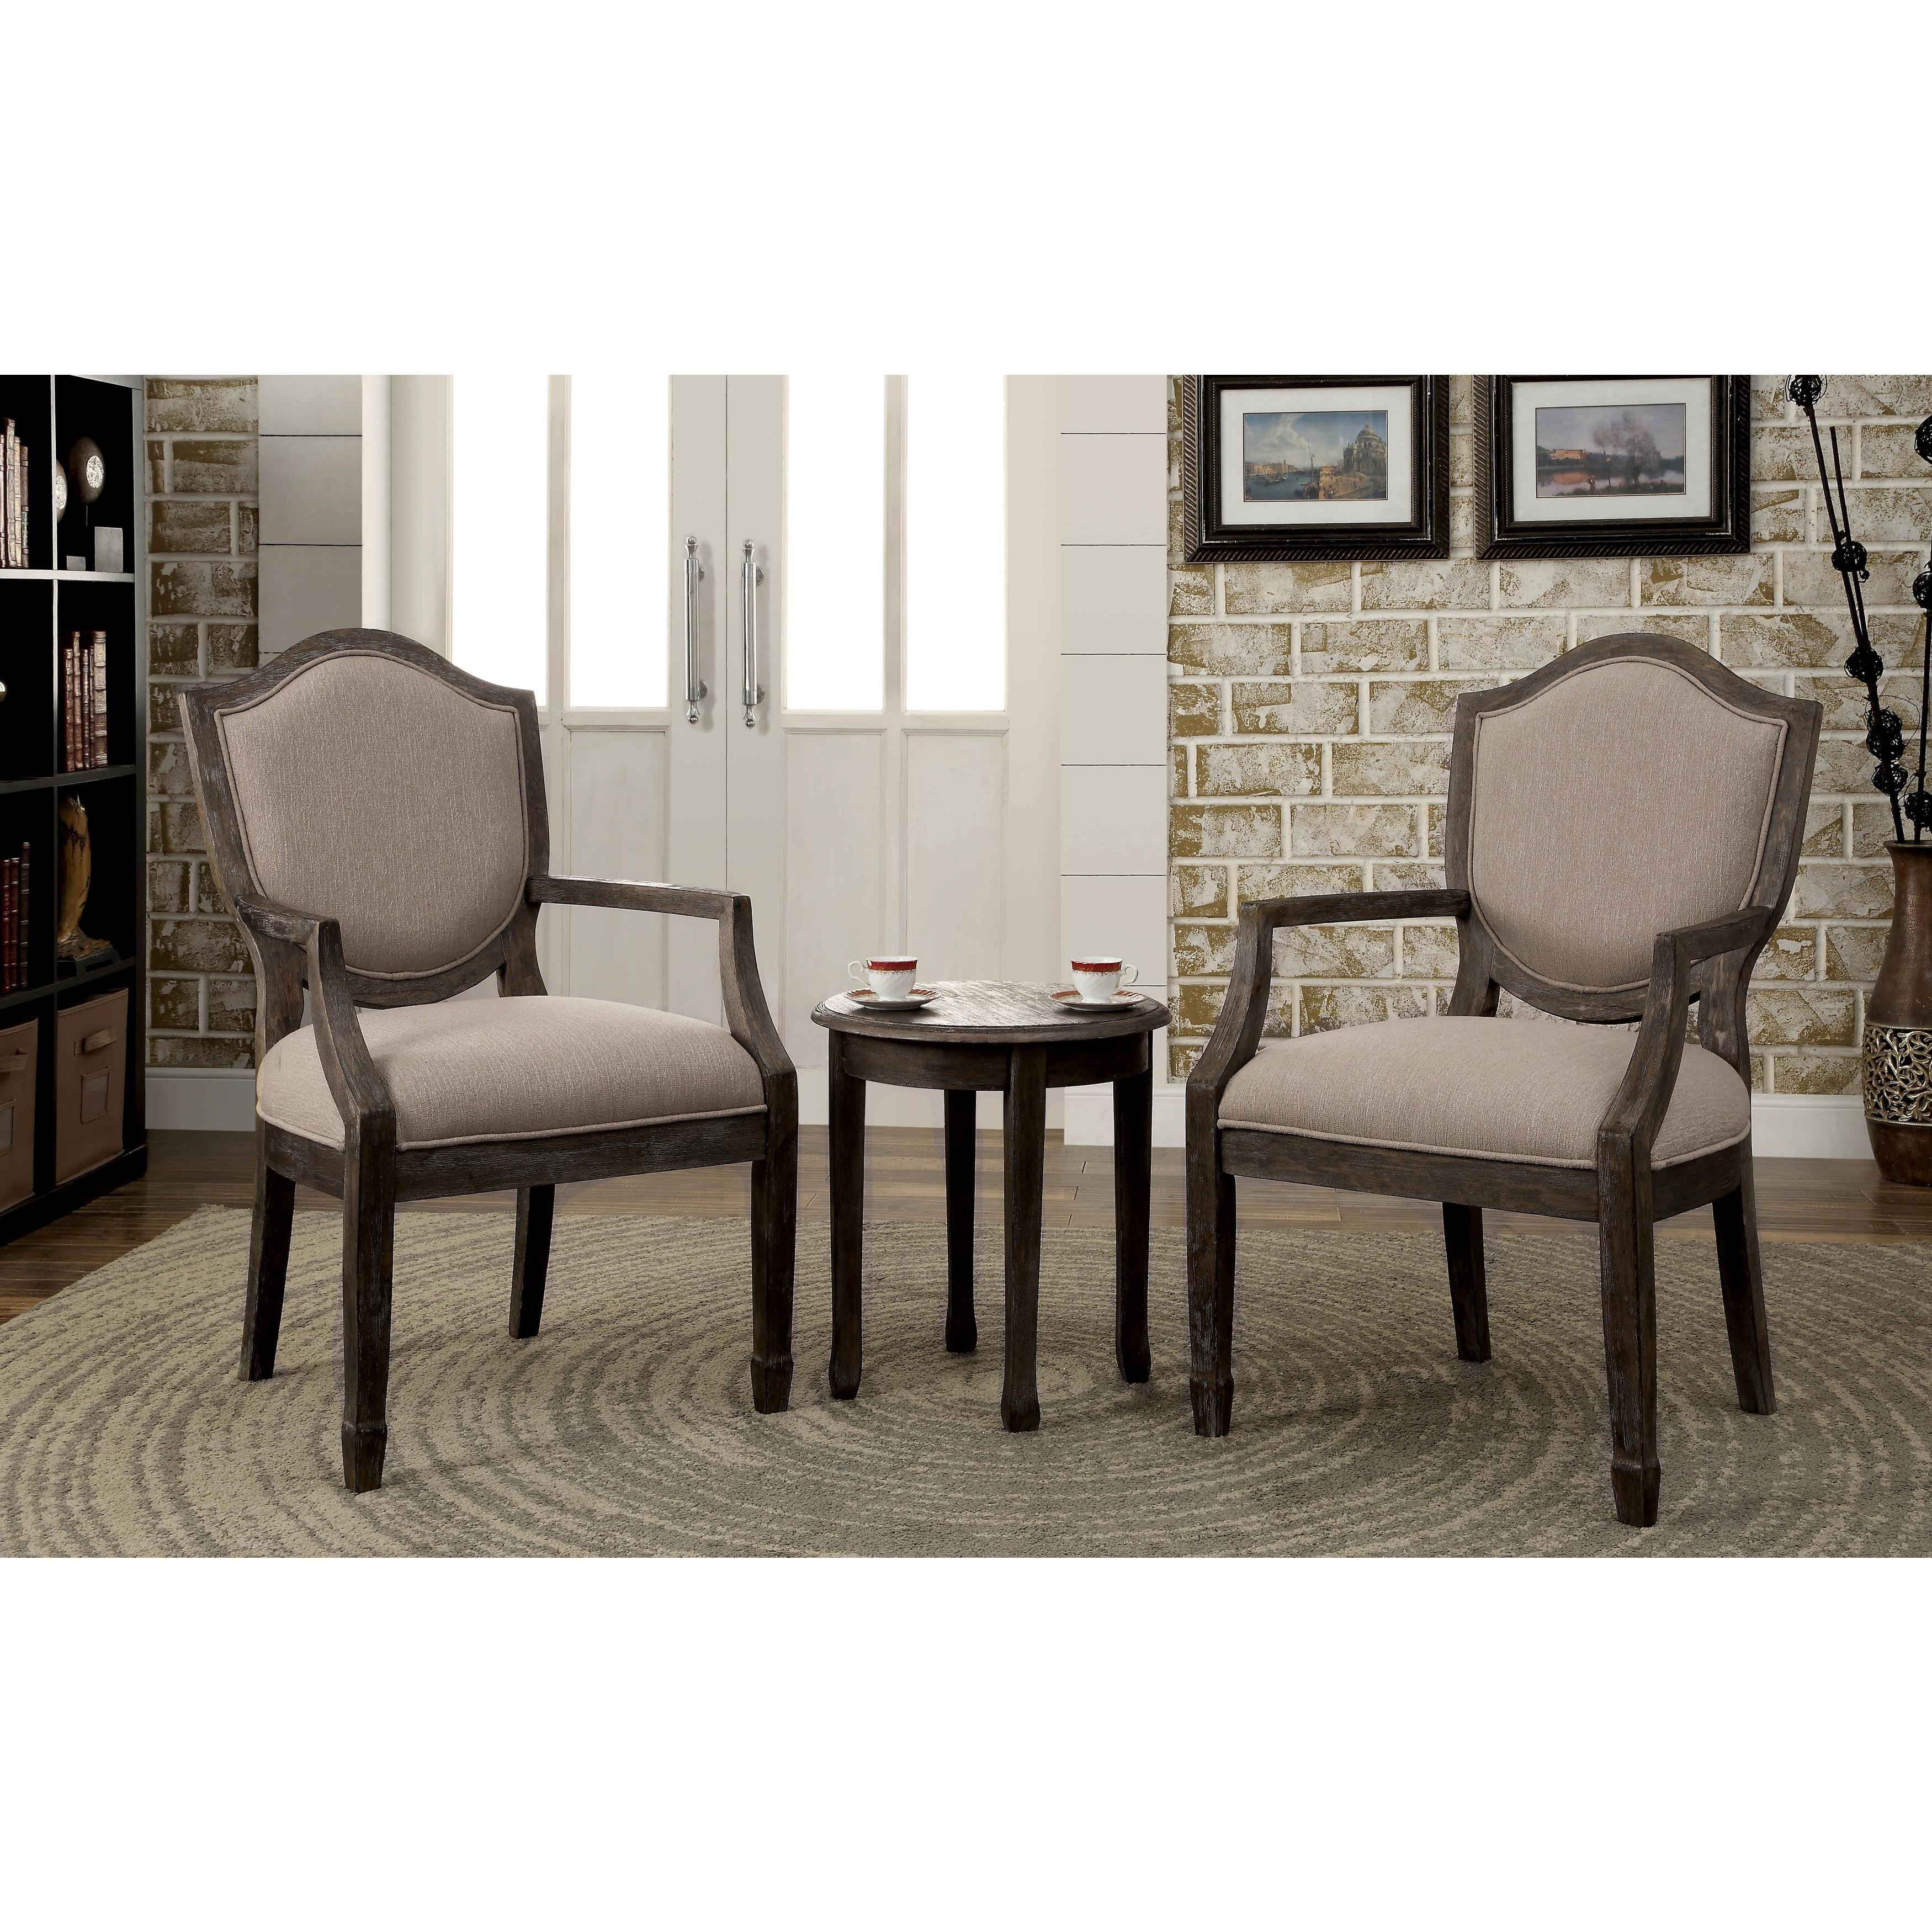 Furniture of america caroline 3 piece living room for Furniture set deals